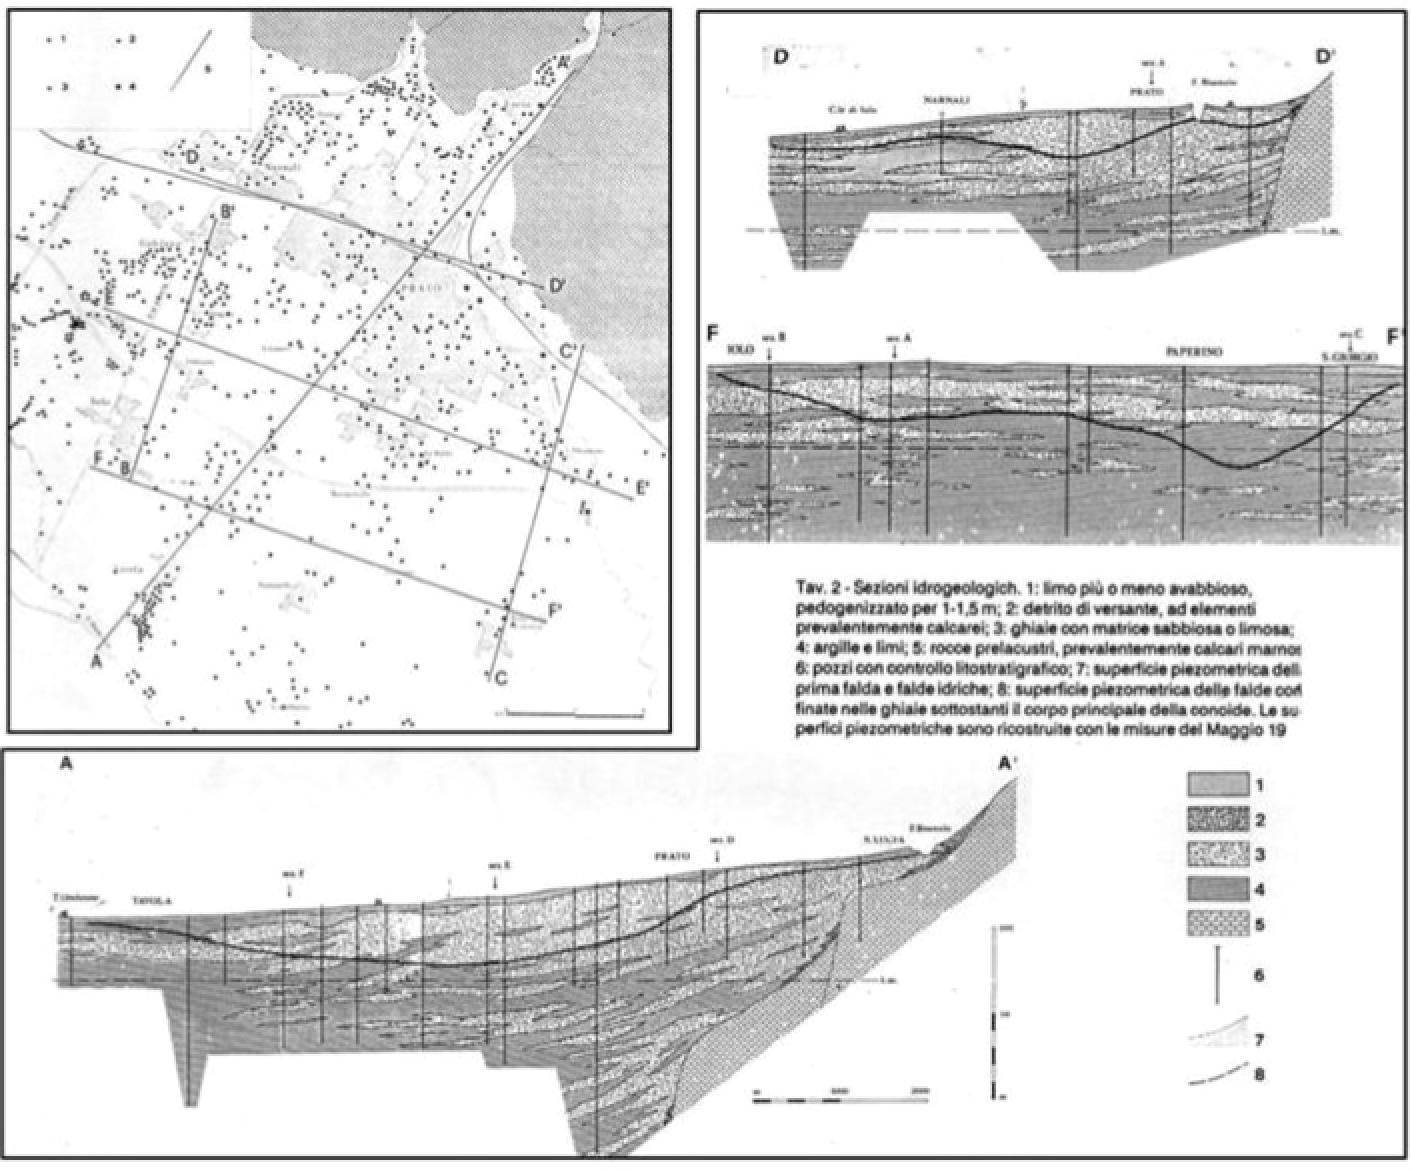 Sezioni idrogeologiche del sistema acquifero fluvio-lacustre di Prato